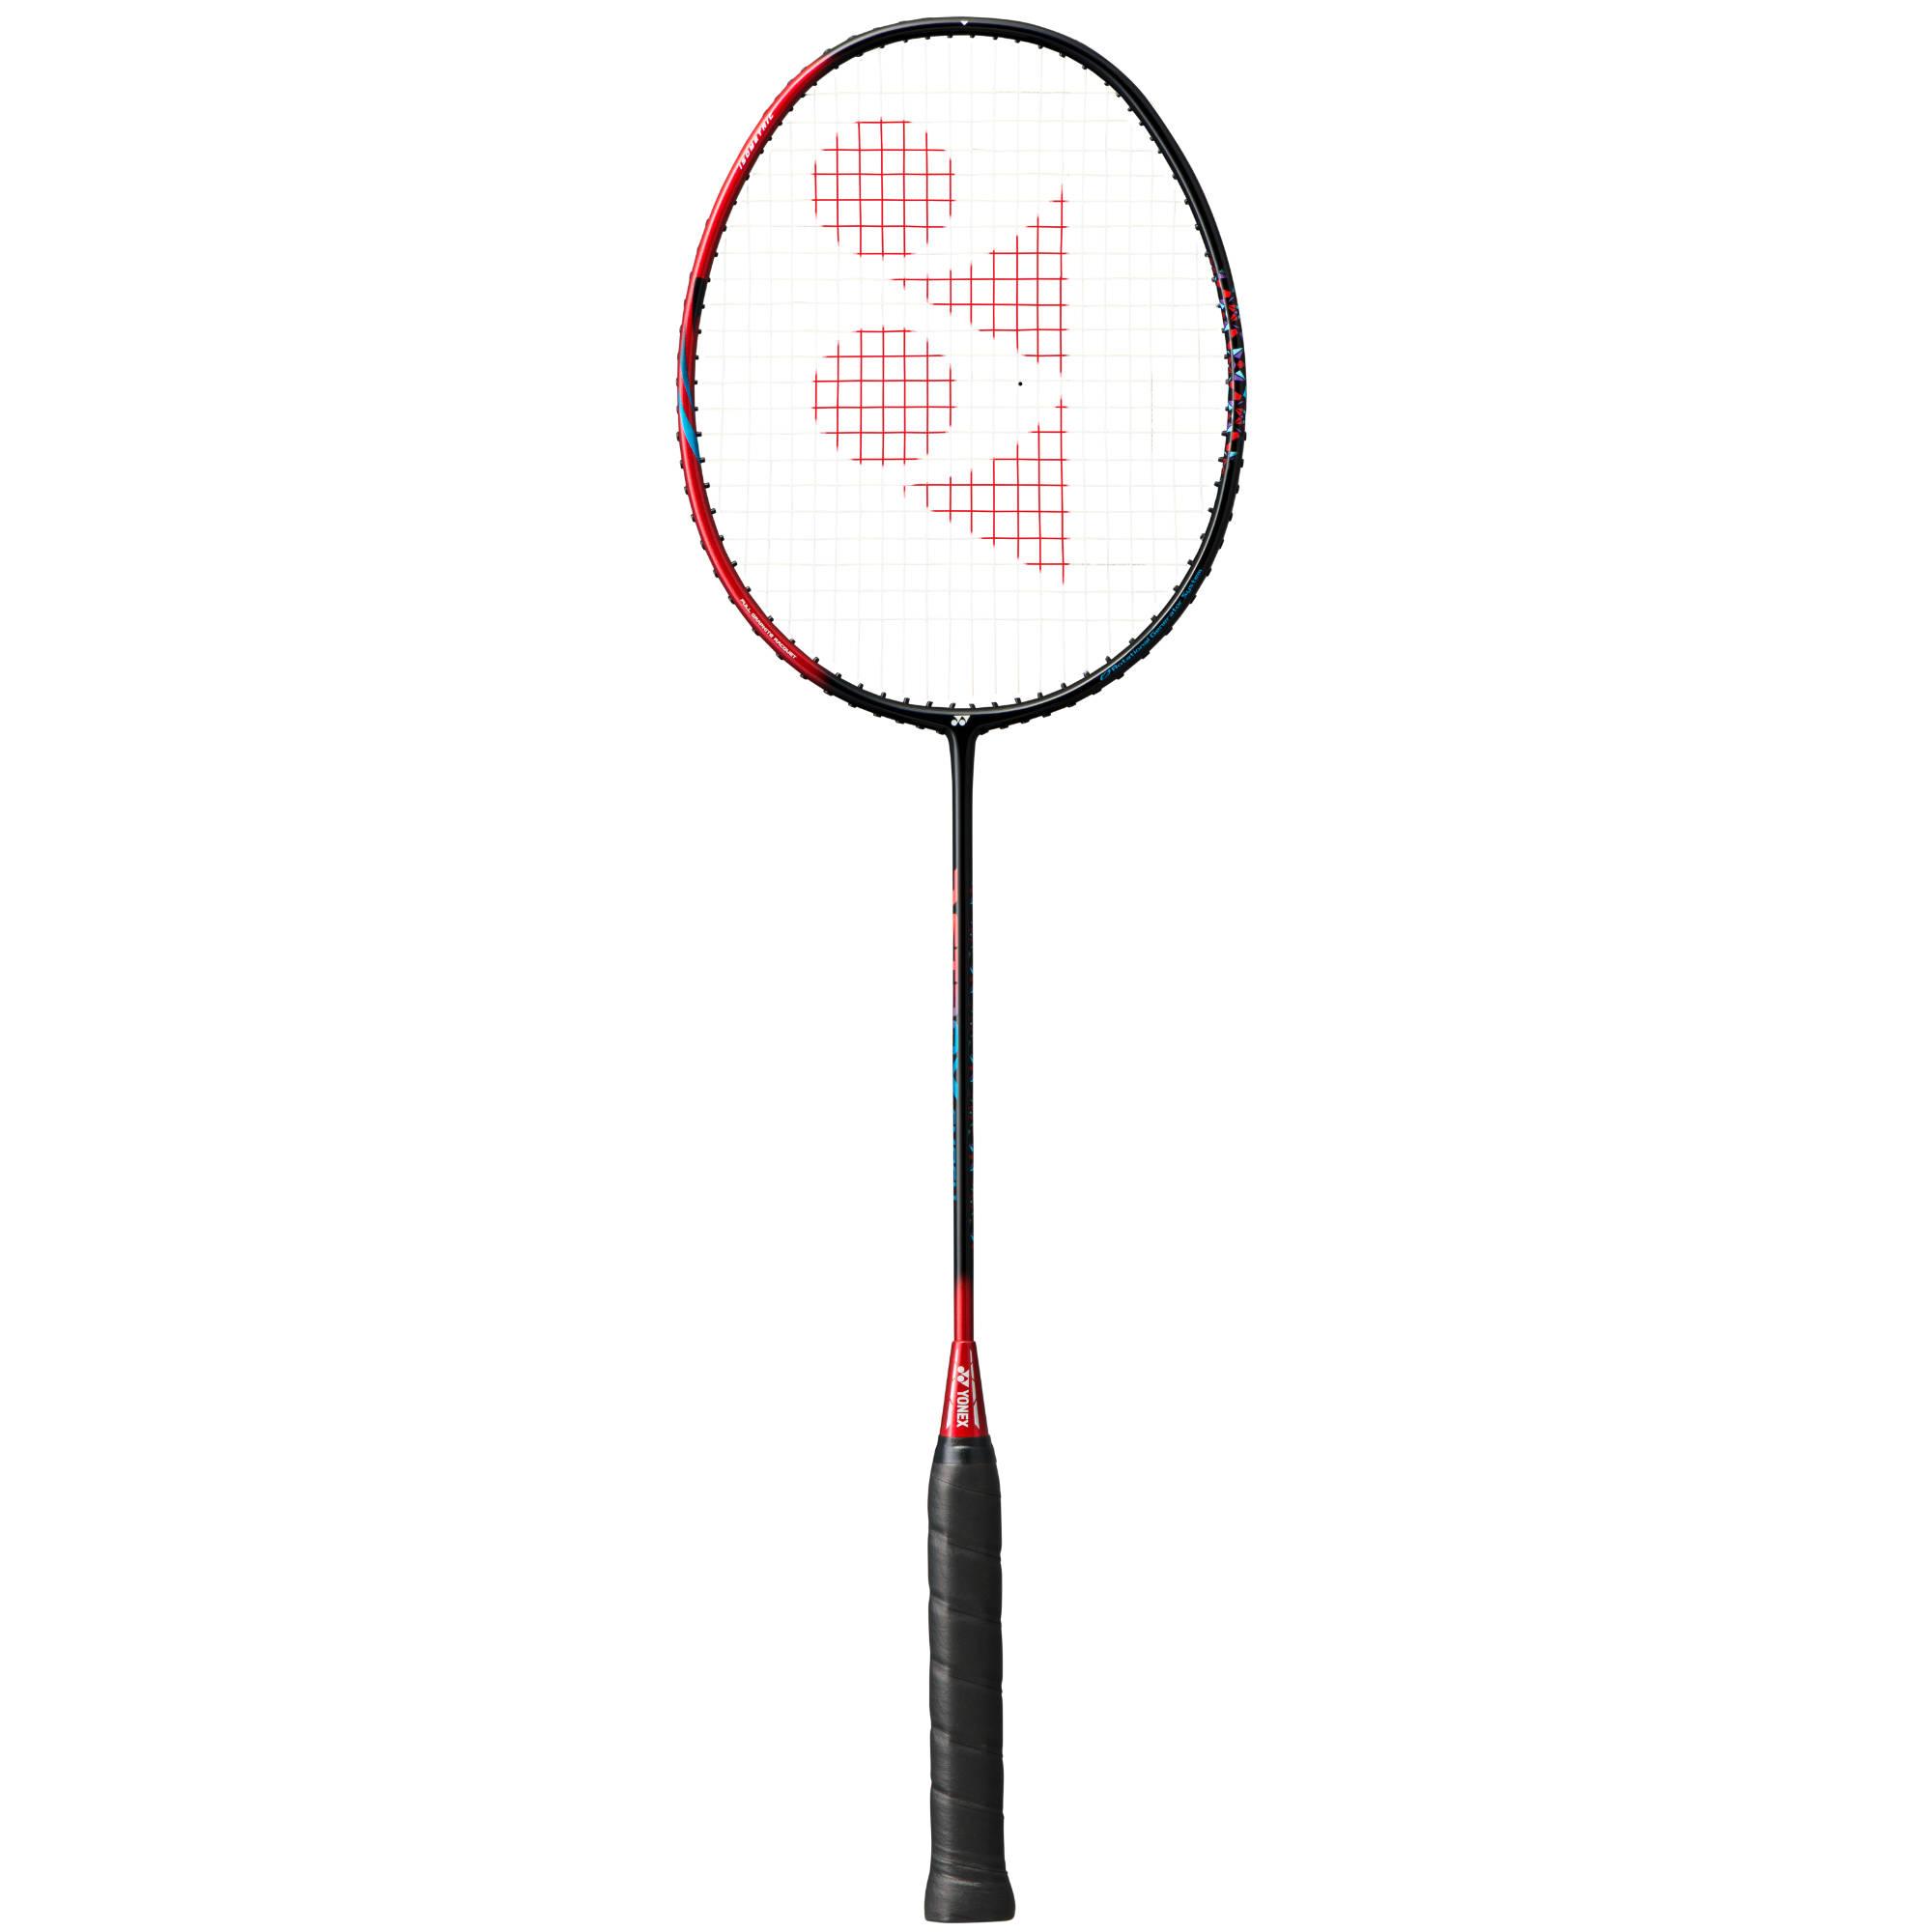 Yonex Astrox Smash Badminton Racket - Black/Red